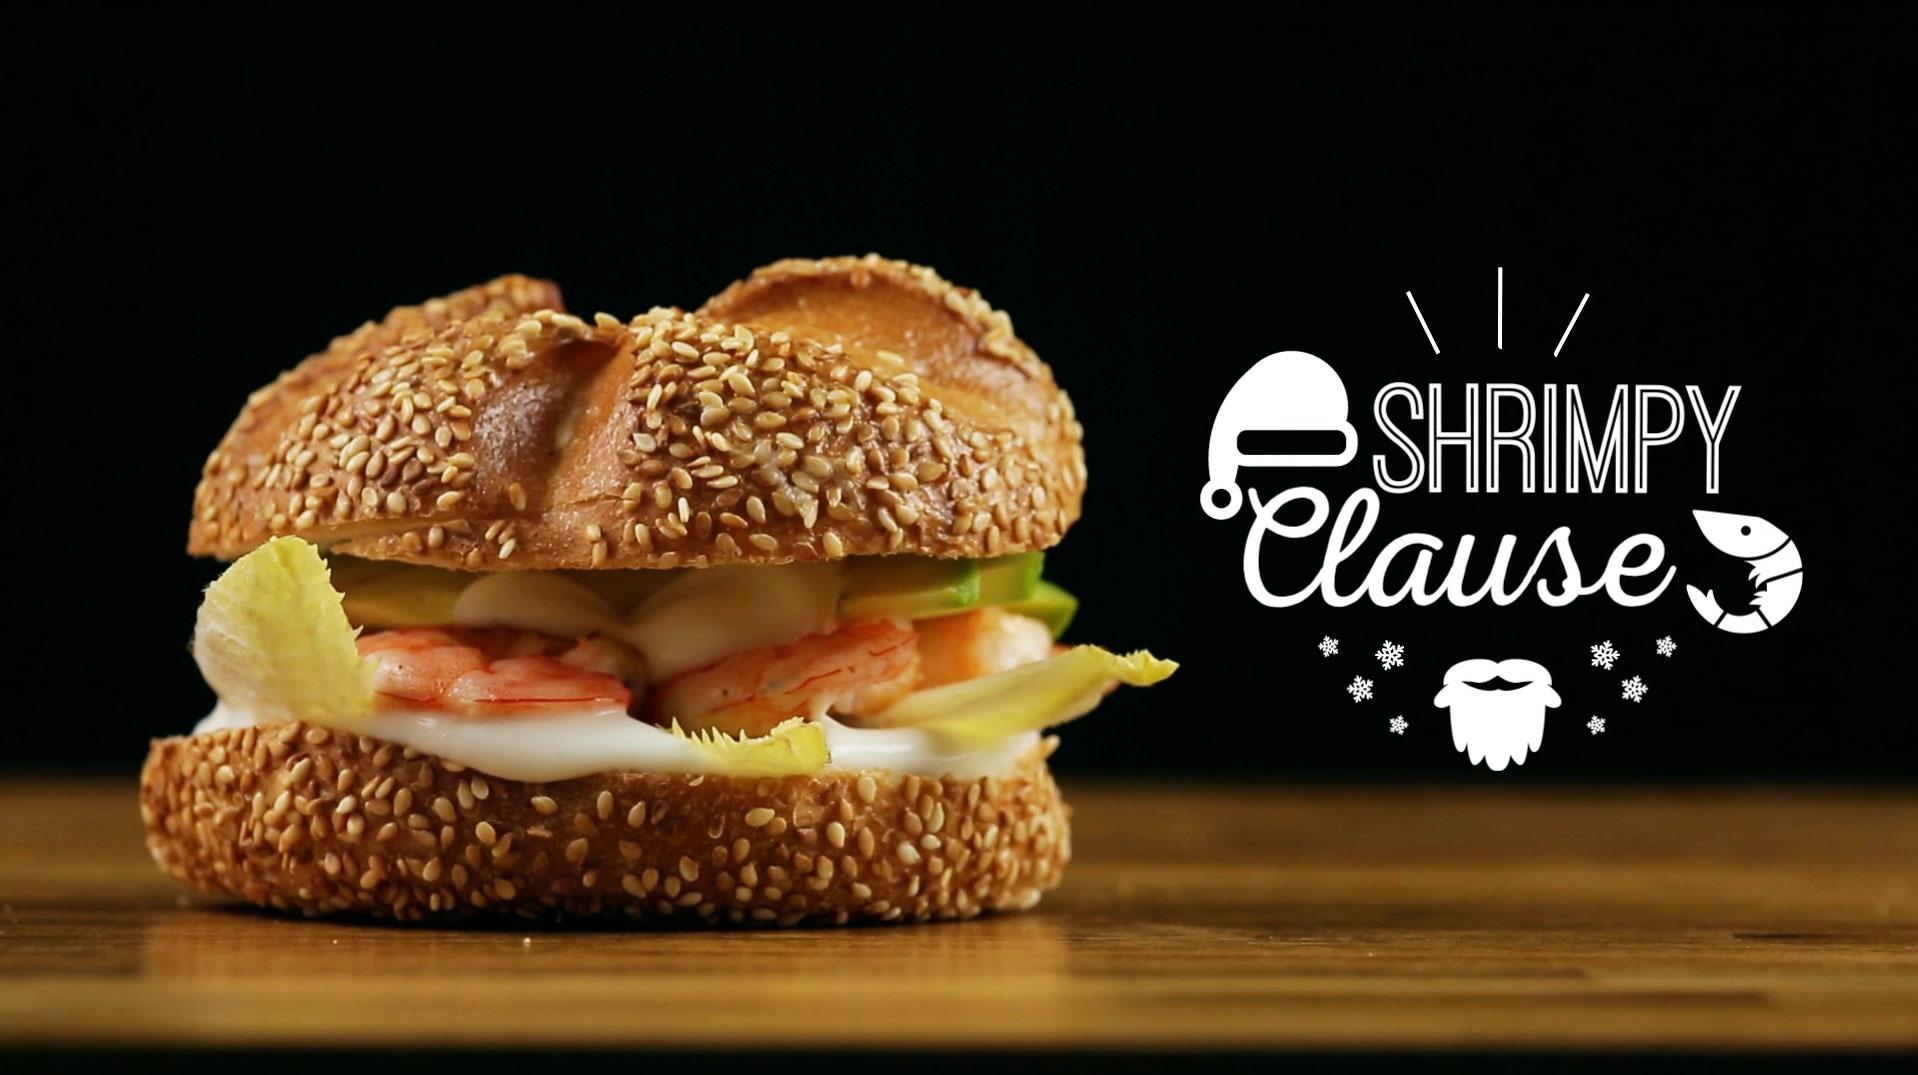 Shrimpy Clause